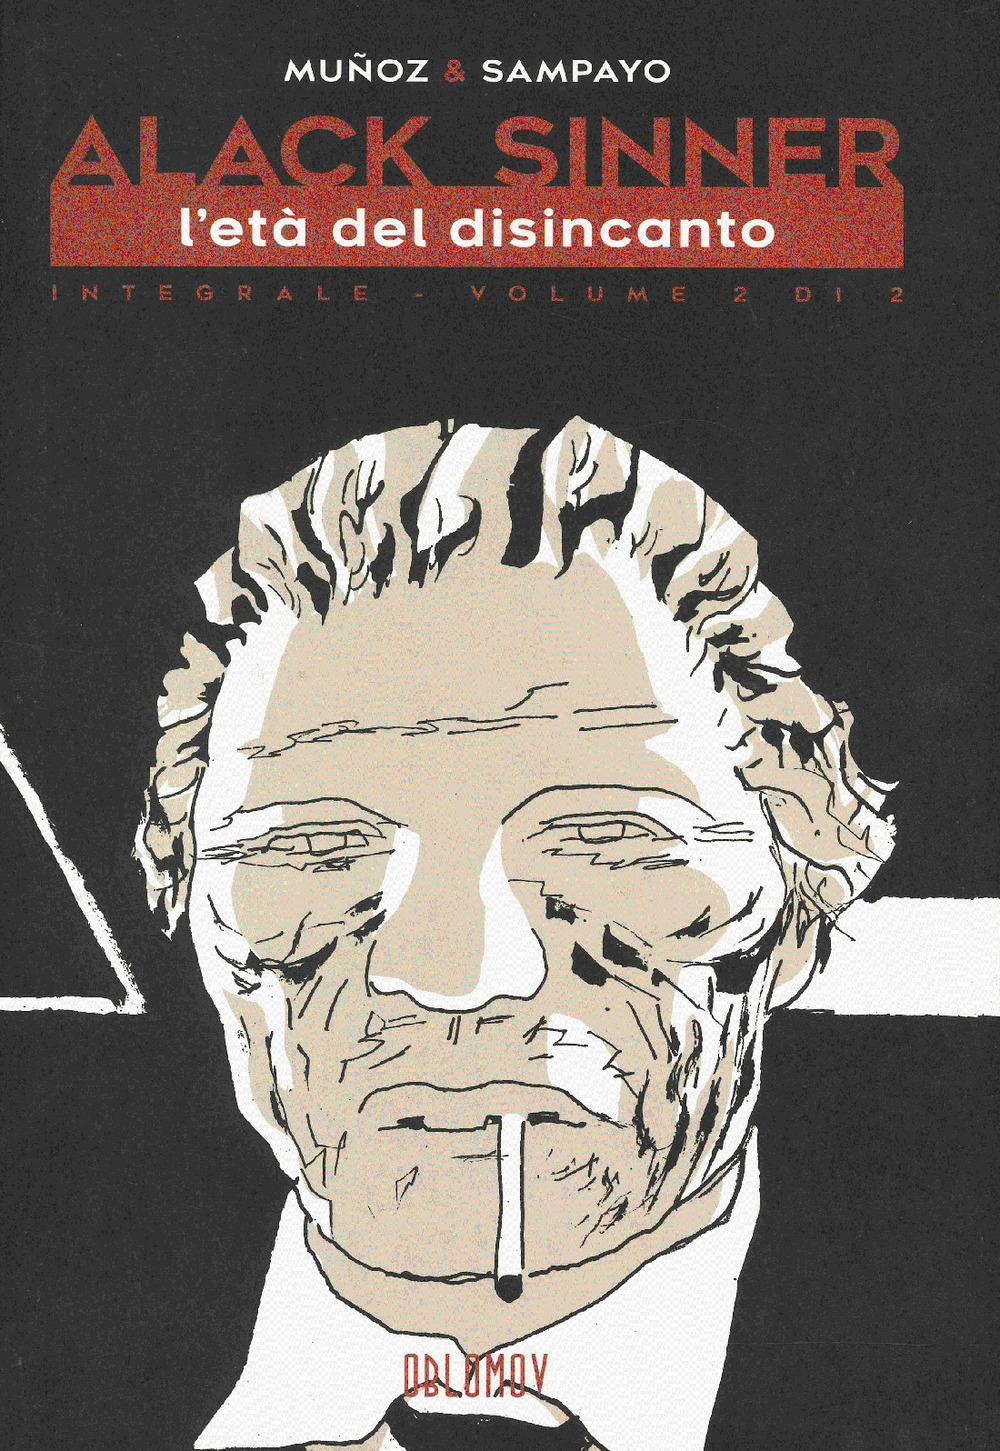 Libri Jose Munoz / Carlos Sampayo - L' Eta Dell'innocenza. Alack Sinner NUOVO SIGILLATO, EDIZIONE DEL 21/05/2020 SUBITO DISPONIBILE